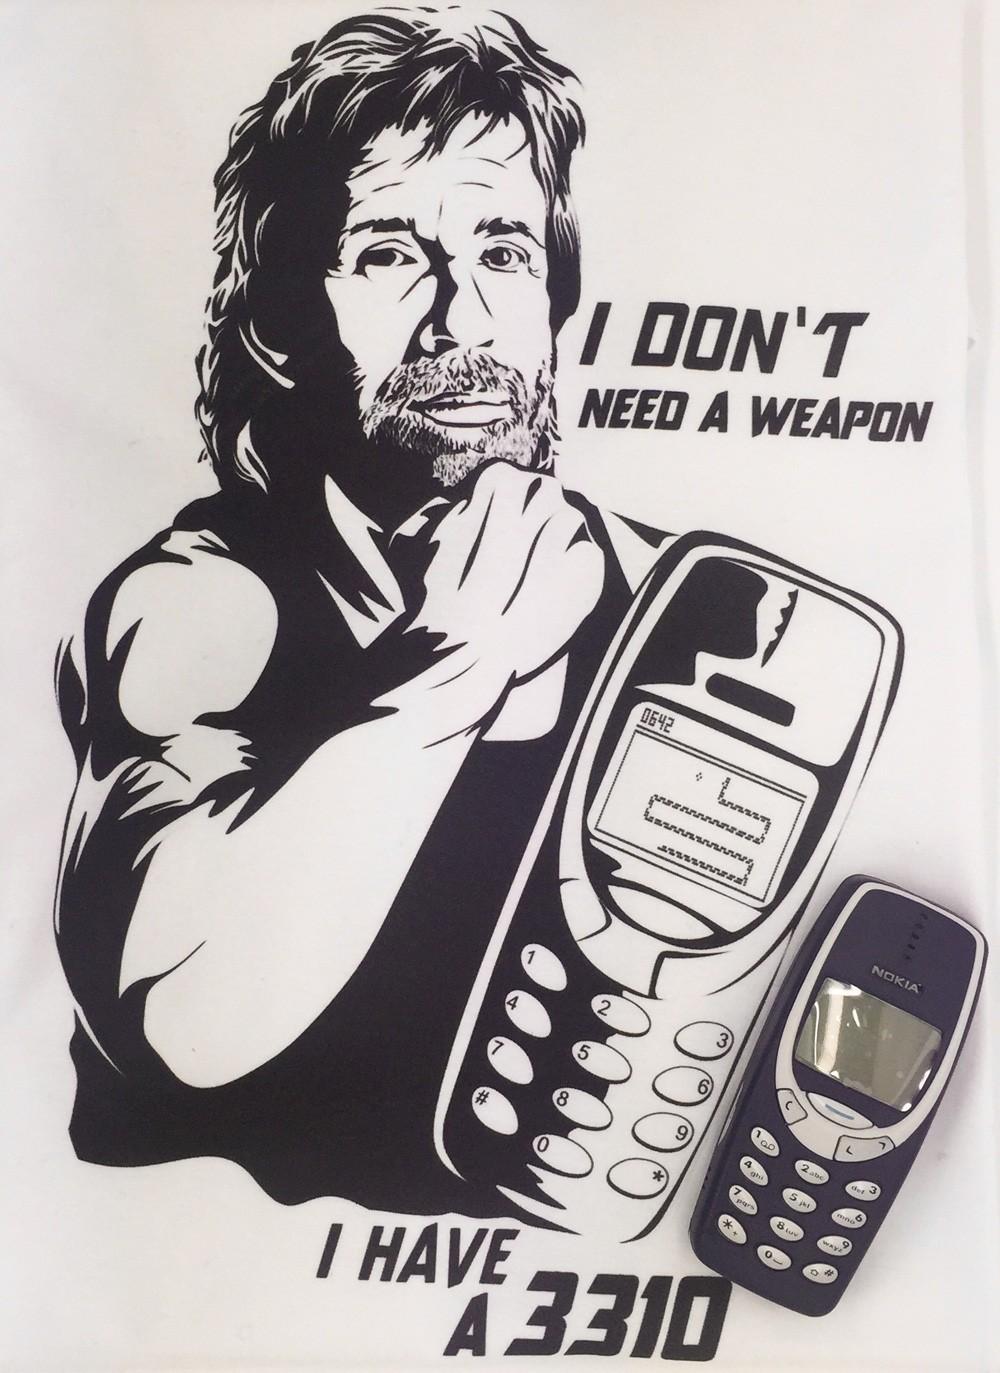 Funny Meme showing Nokia Physical Strength Via 9gag